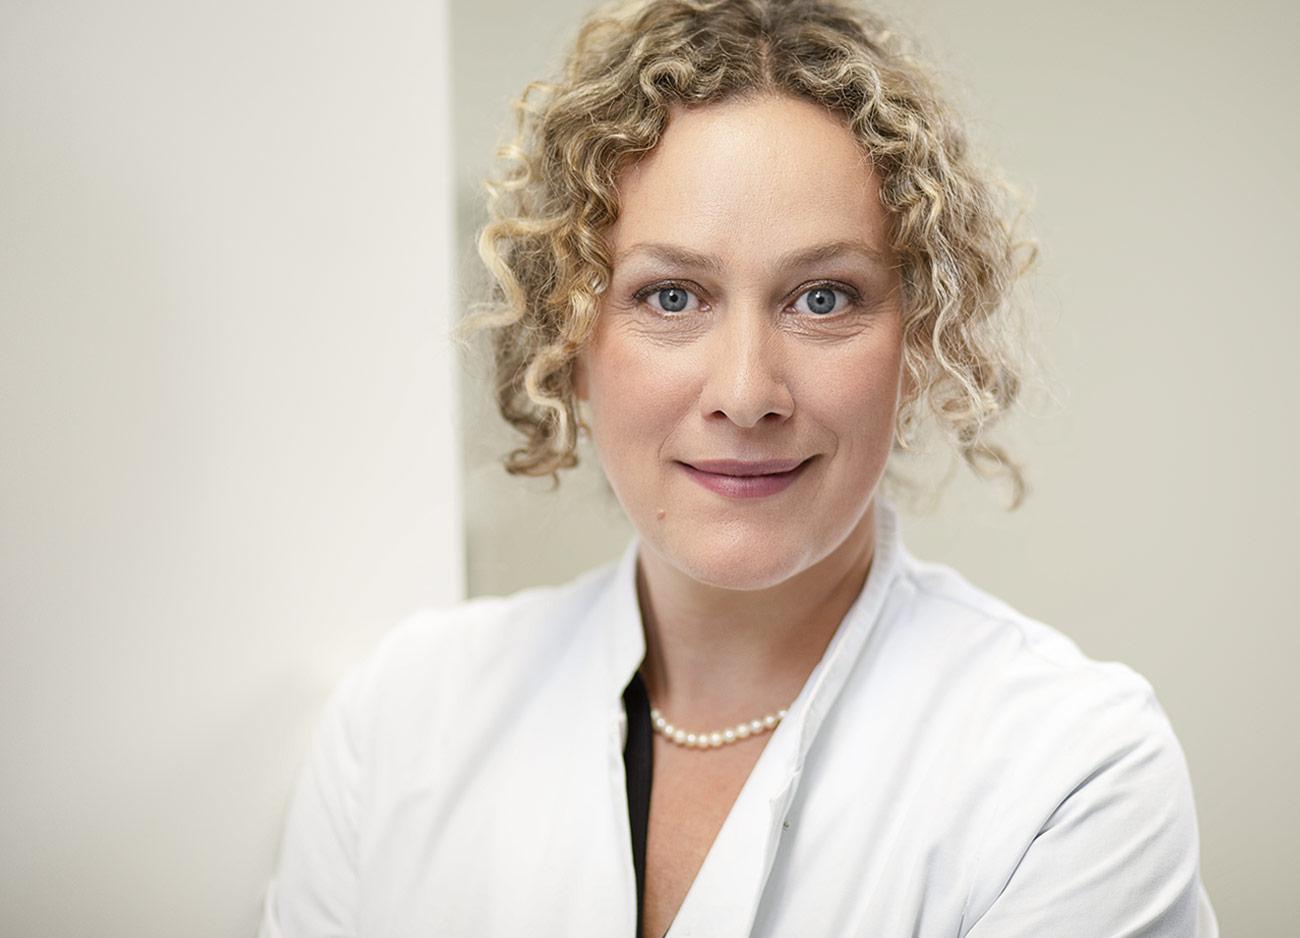 Prof. Dr. med. Tanja von Braunmühl - Dermatologie im Isarklinikum